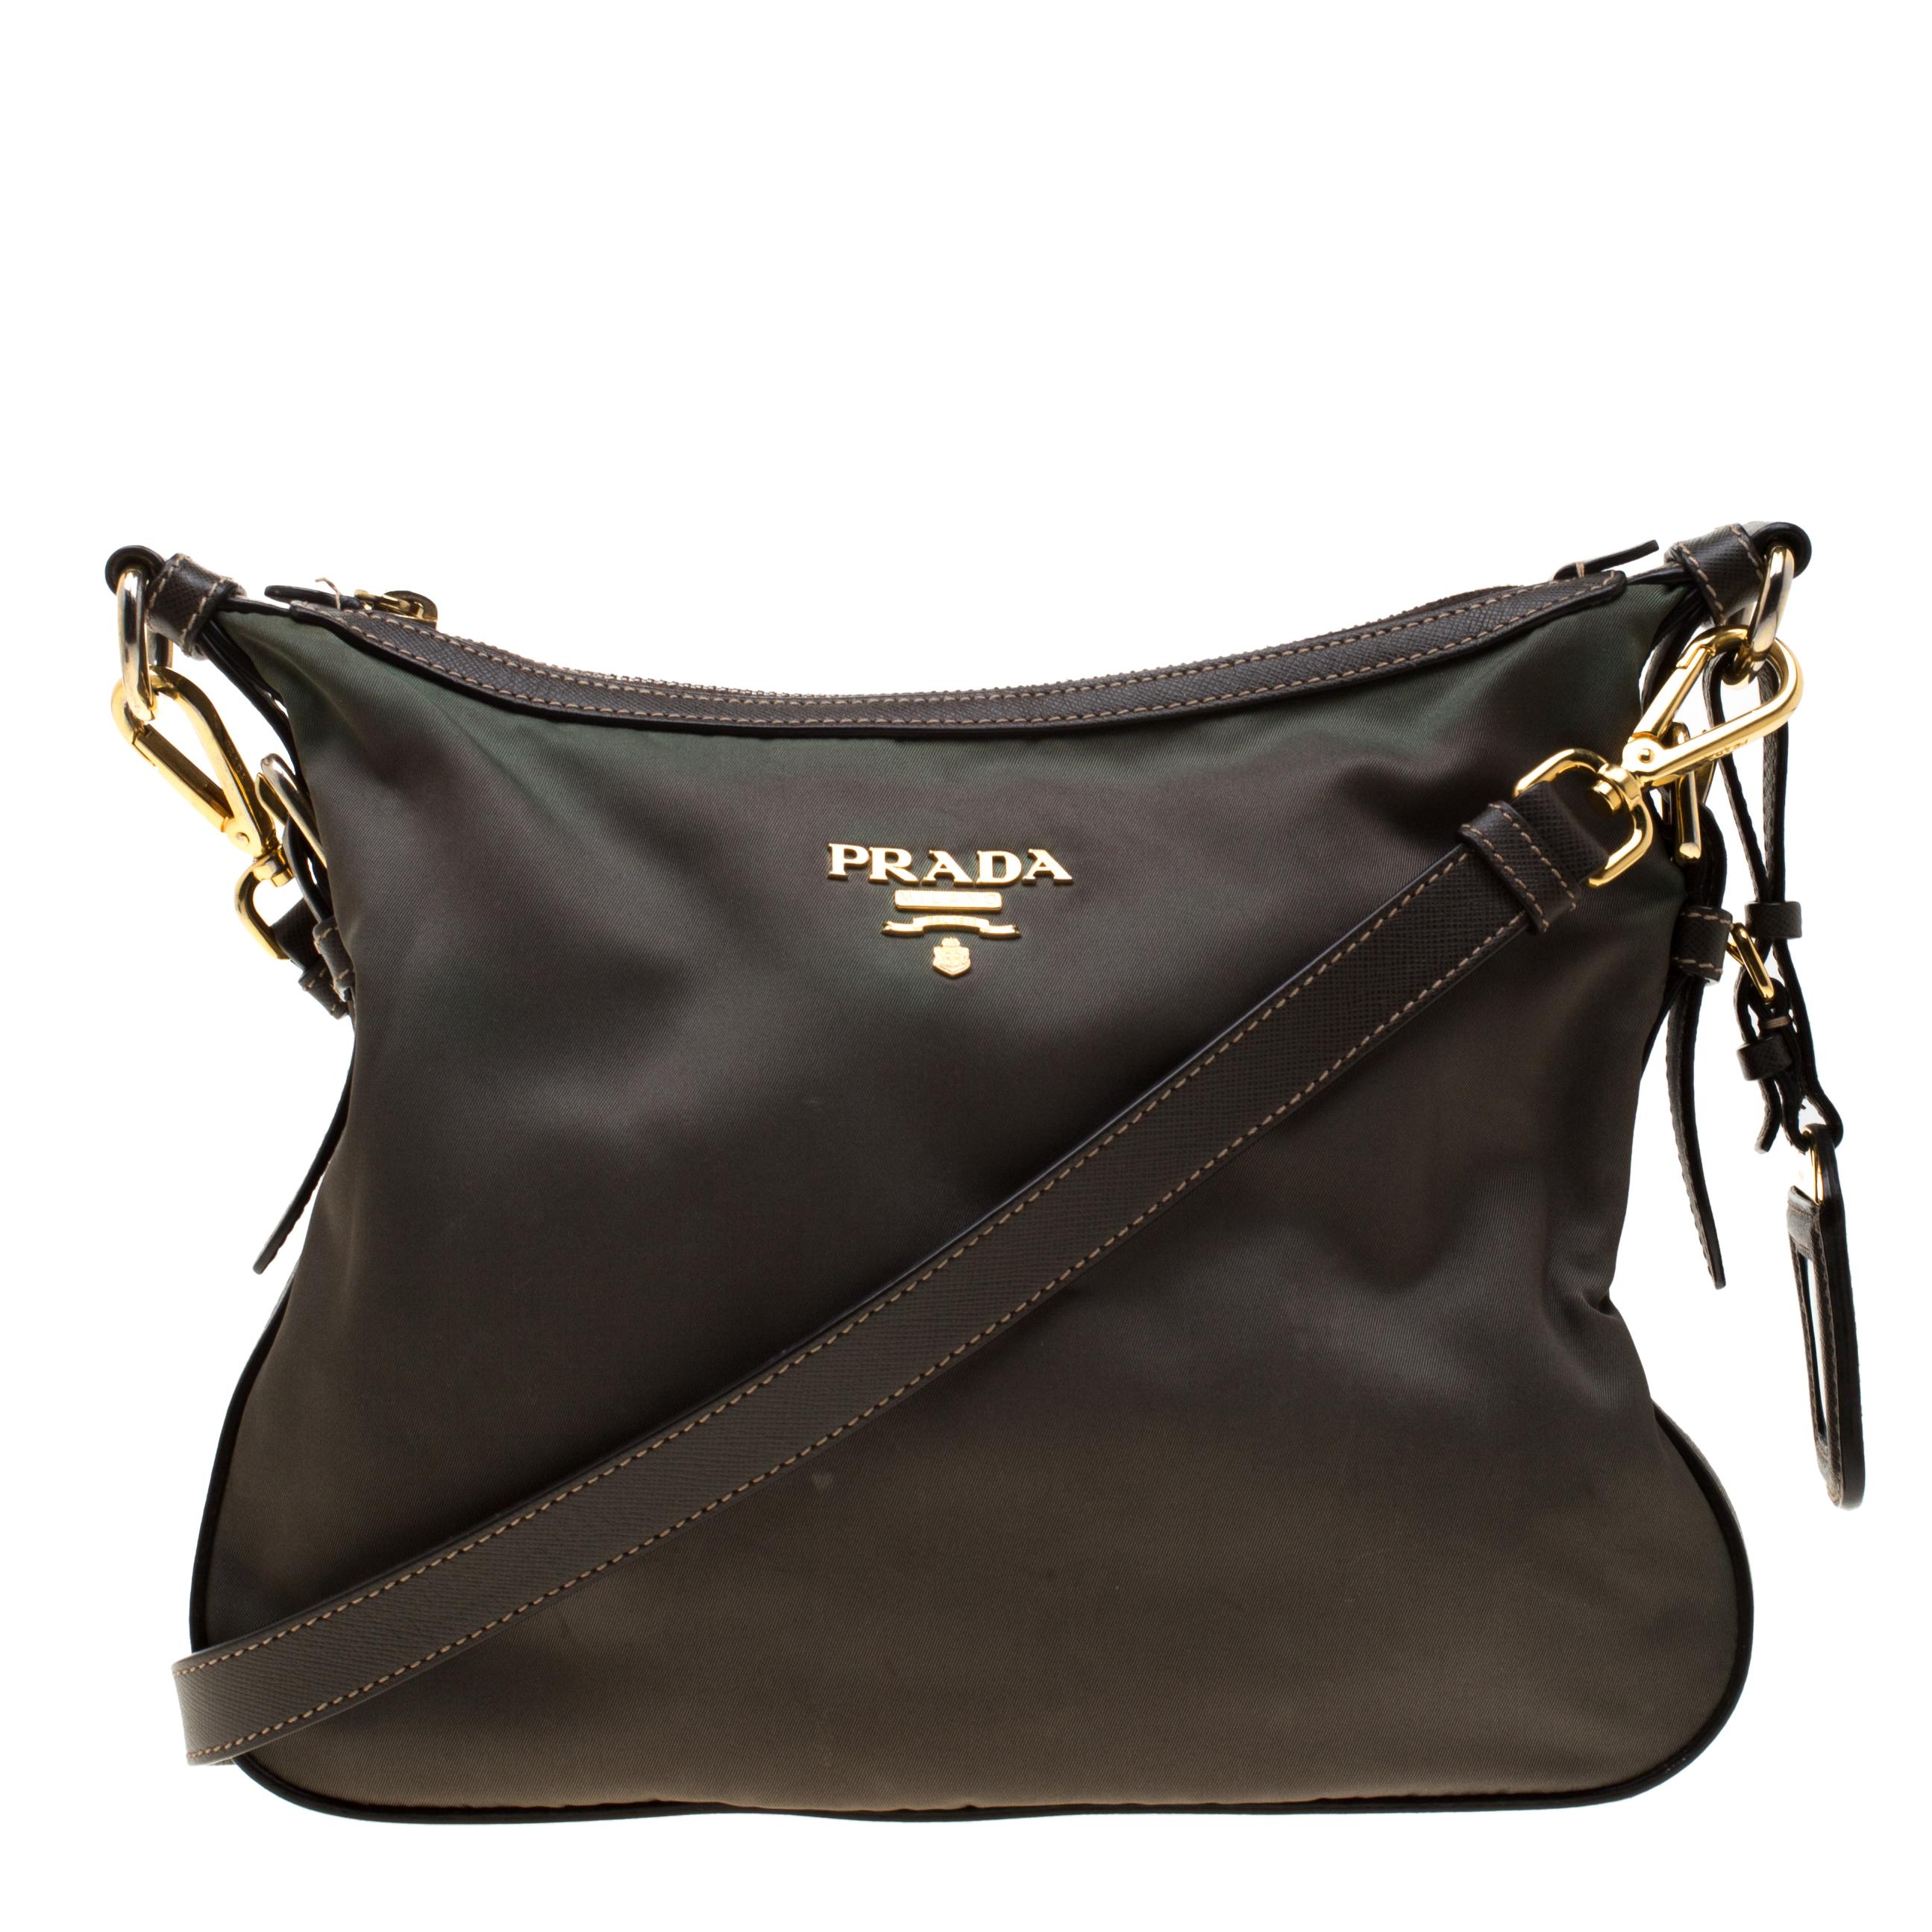 fa452ea9d1096a ... Prada Green/Brown Nylon and Leather Shoulder Bag. nextprev. prevnext